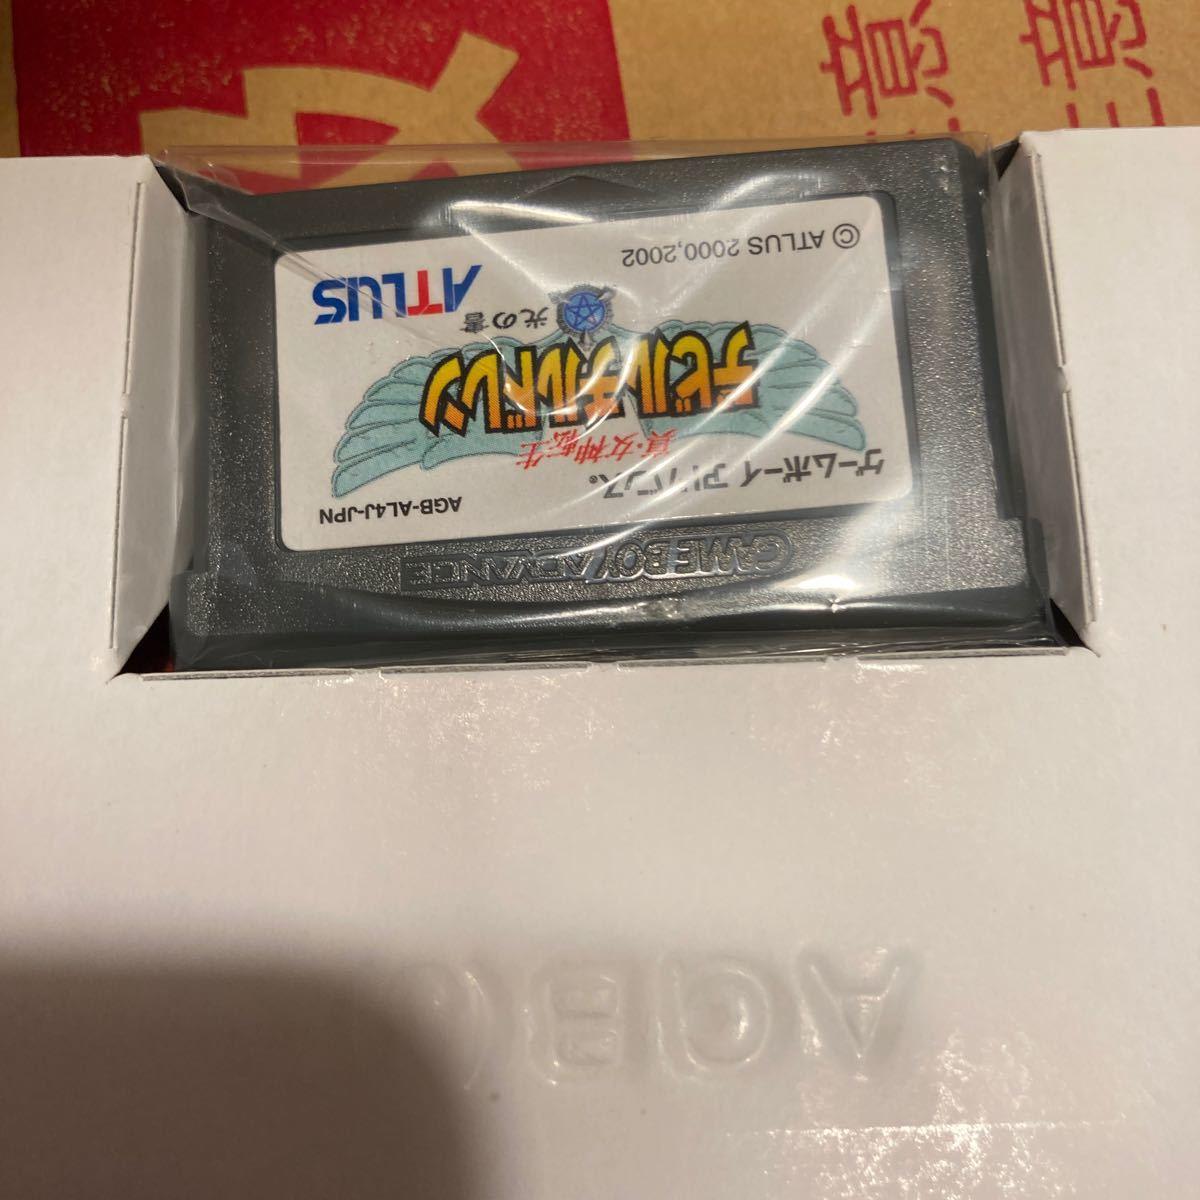 ゲームボーイアドバンスソフト 真・女神転生 デビルチルドレン闇の書 光の書 2点セット 箱、説、ハガキ付き 未使用?